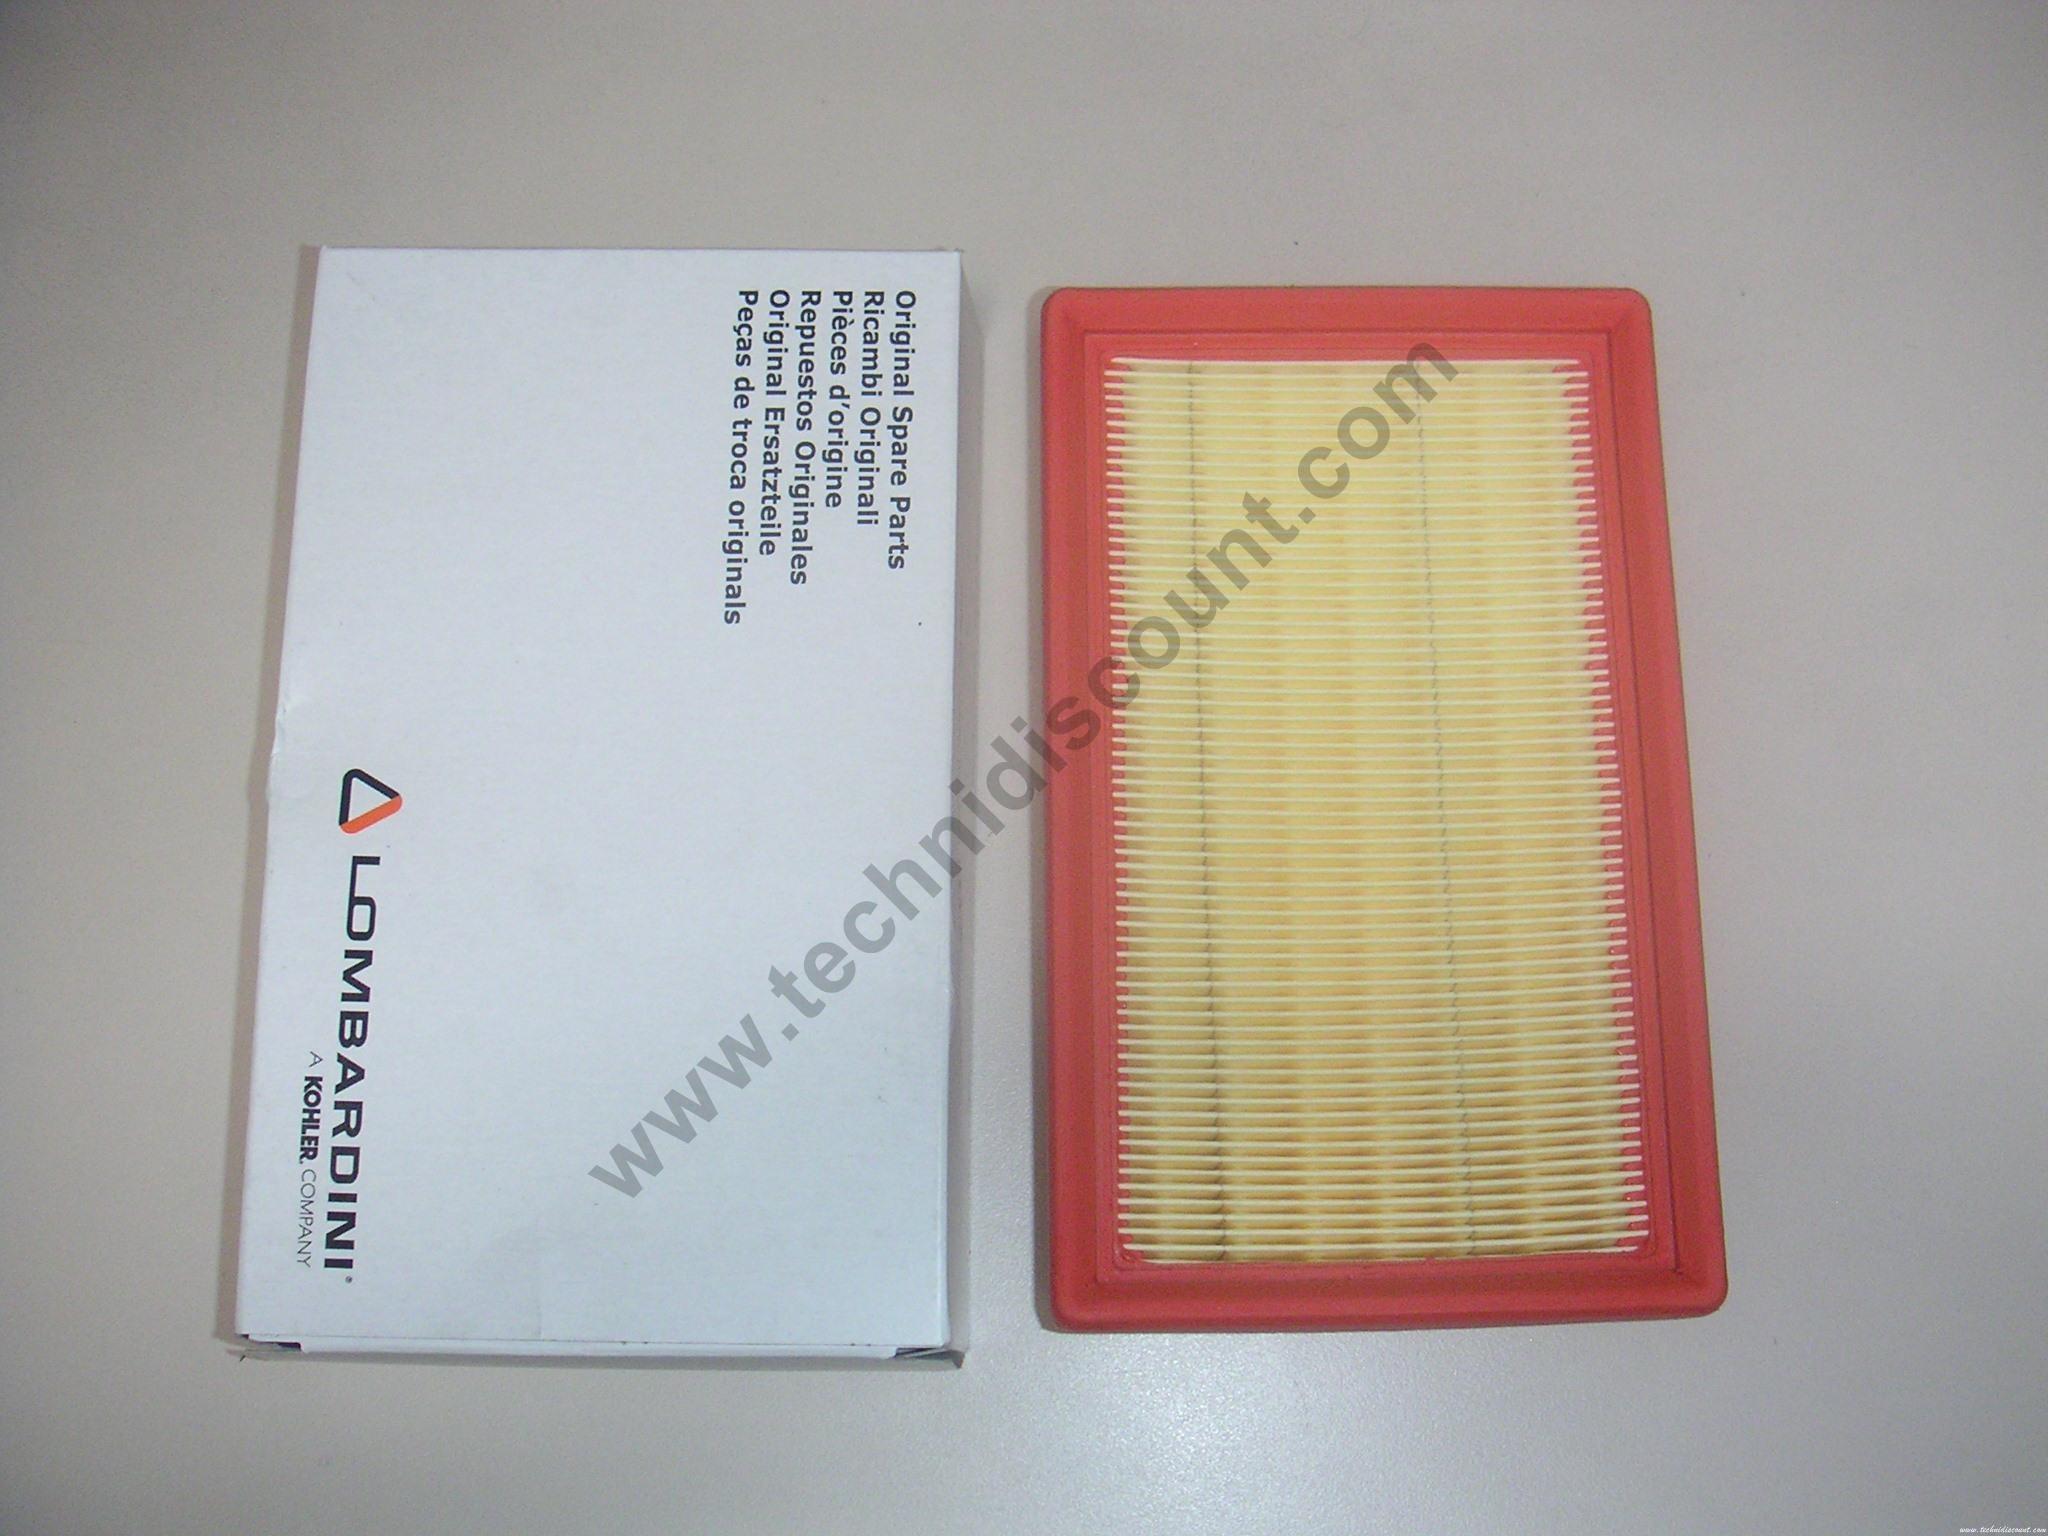 Filtre Air FOCS LDW502 LDW602 LDW903 FOCS LOMBARDINI DEUTZ F2M1008 F3M1008 ED0021751640-S